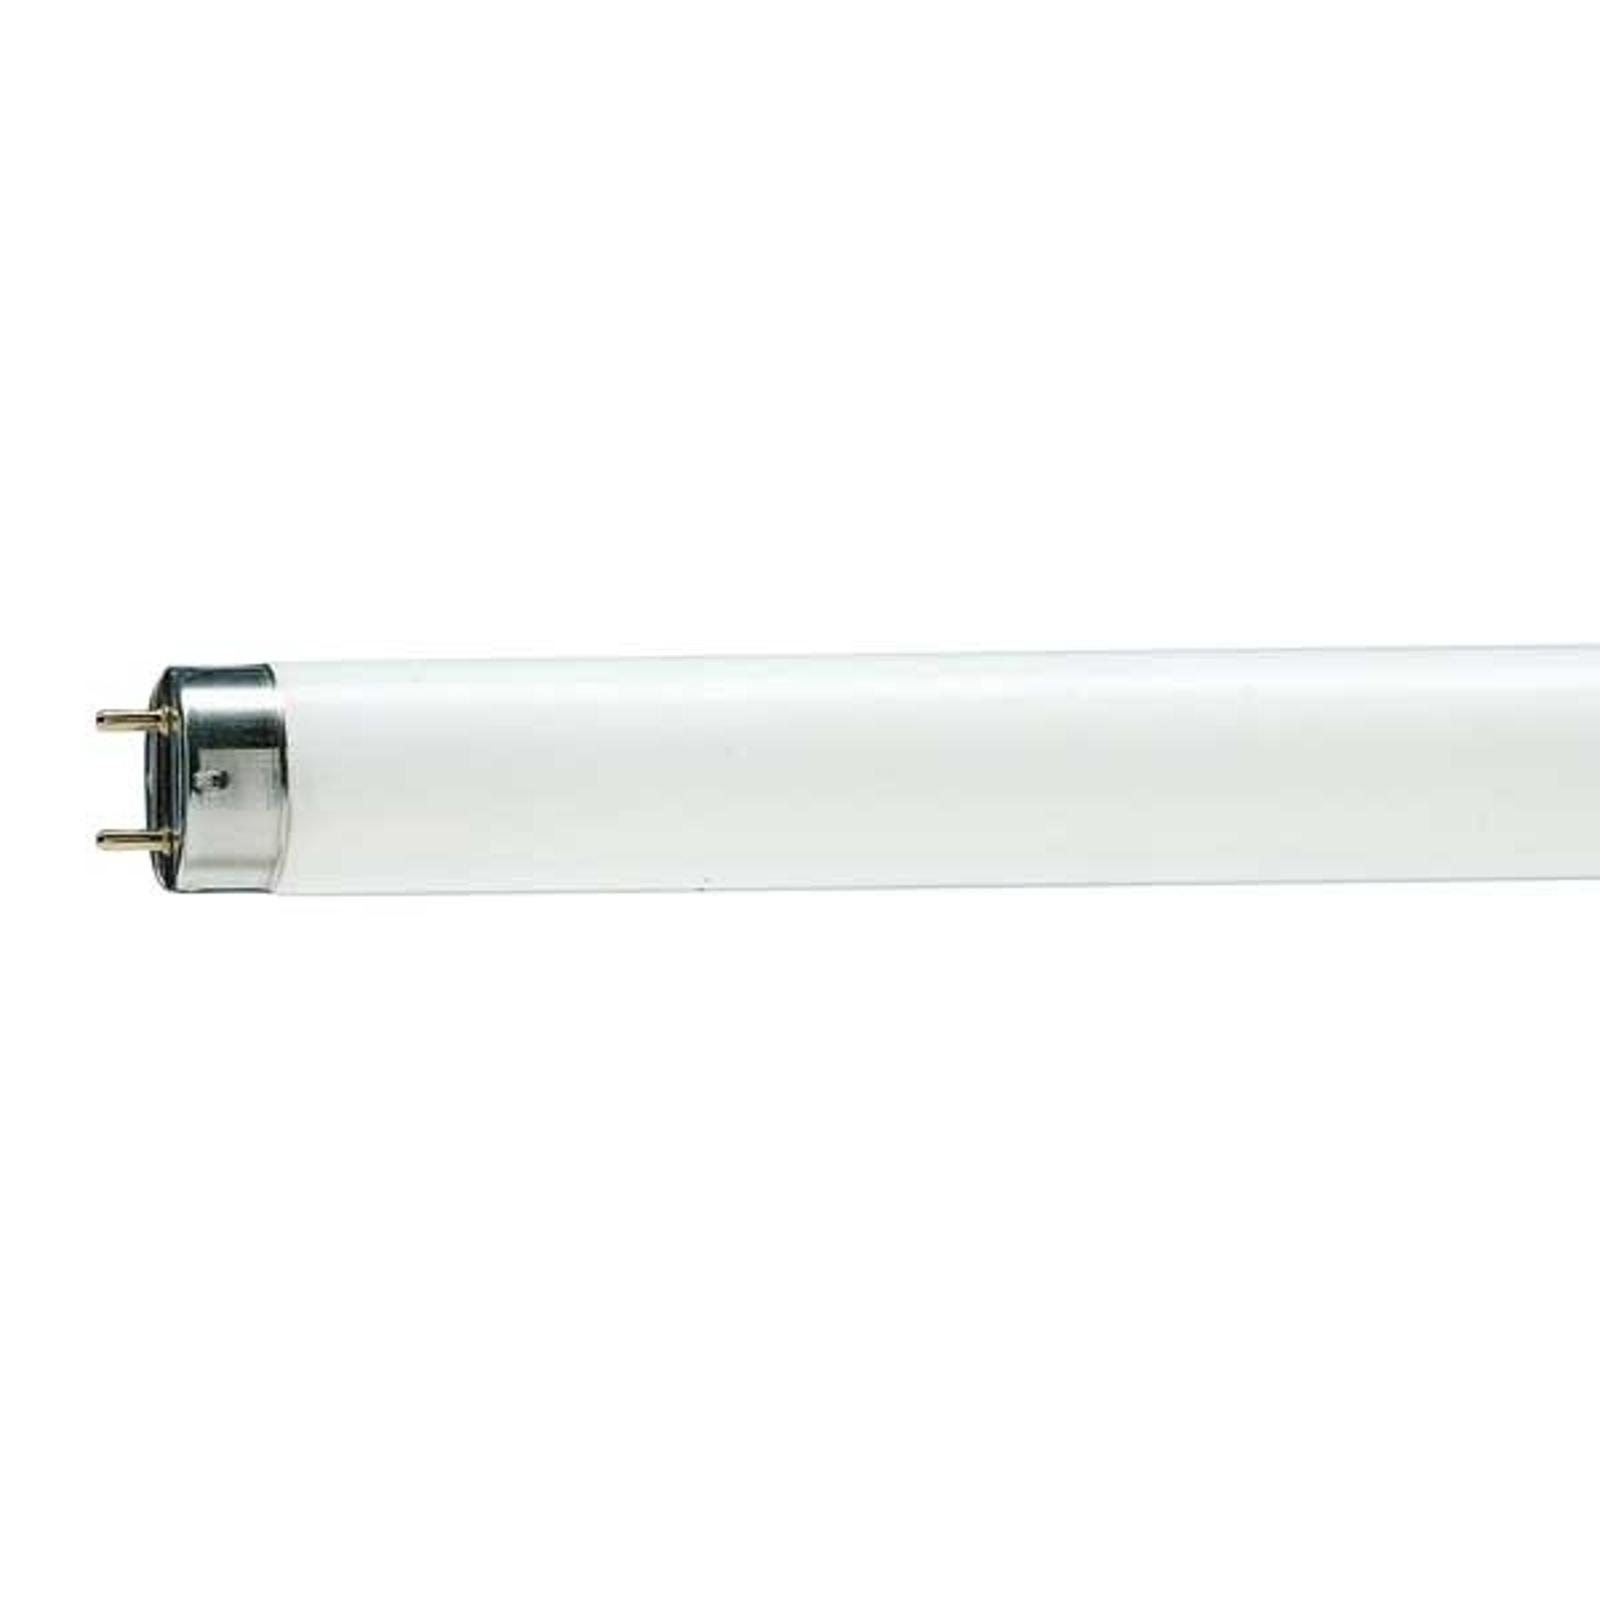 G13 T8 18W 940 Master TL-D Deluxe lysstofrør